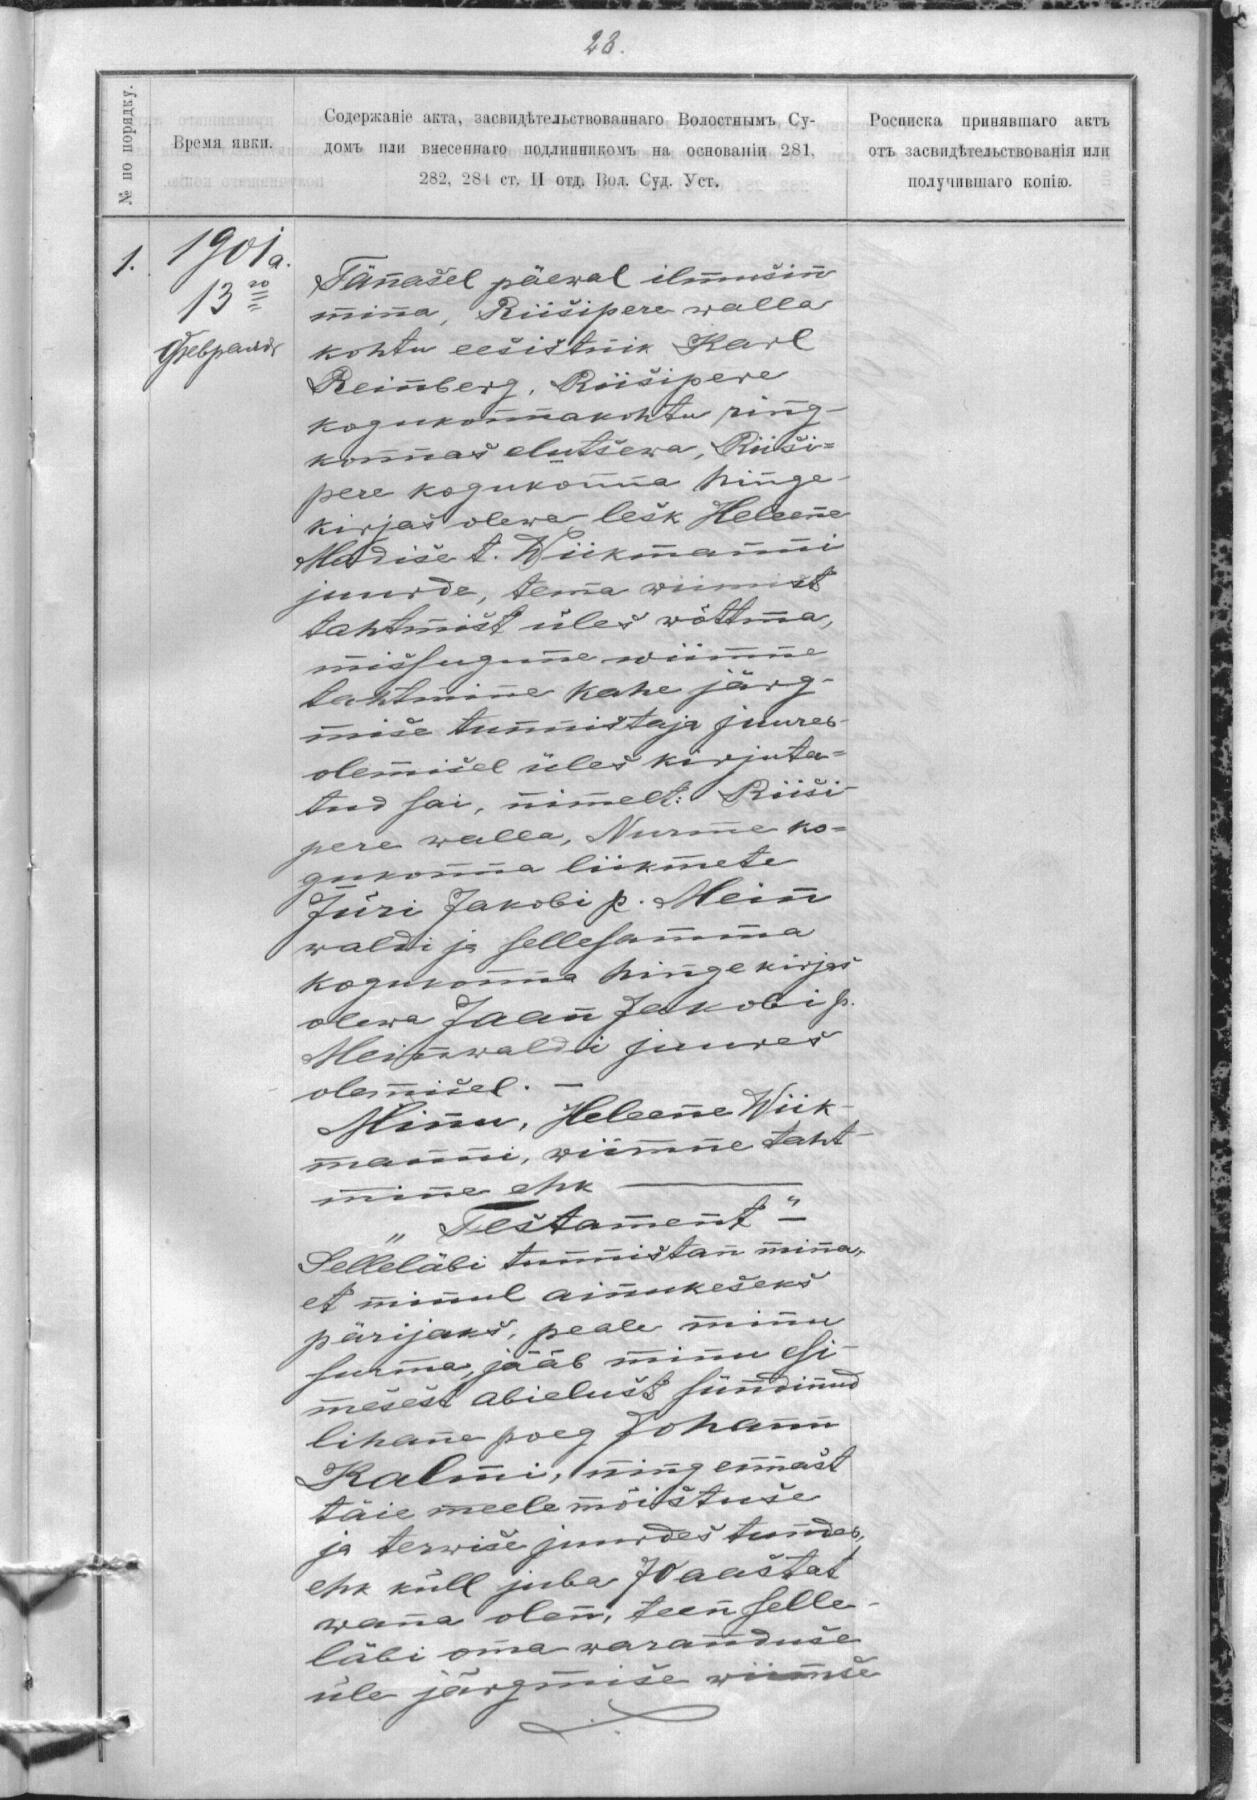 Huvitav testament Vana-Riisipere vallakohtu lepinguraamatus